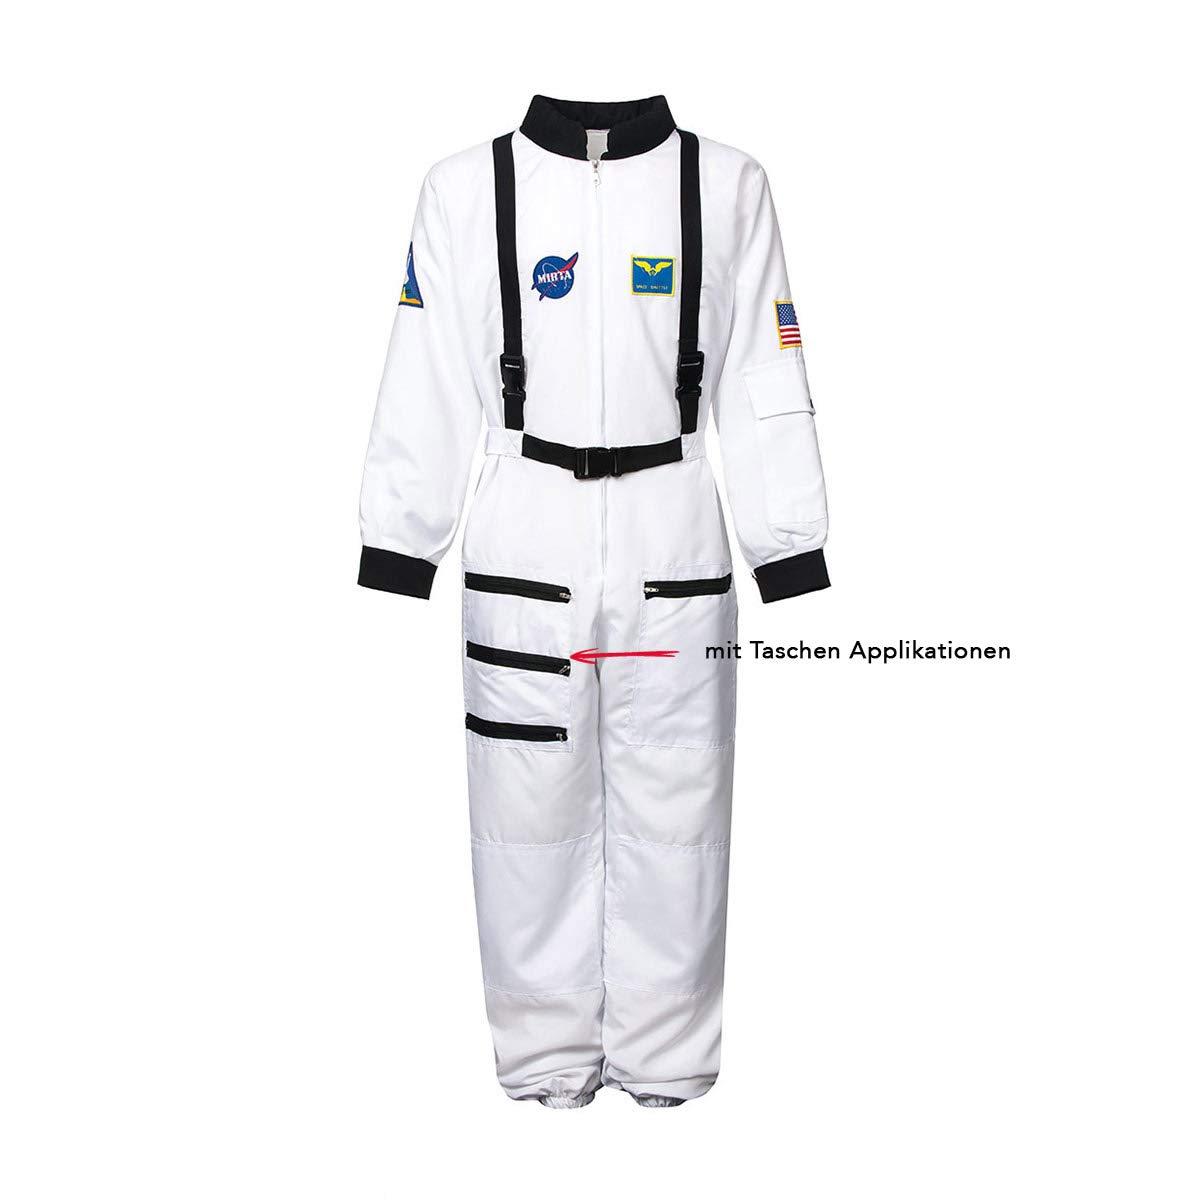 Disfraz infantil de astronauta, tallas 116, 128, 140, 152, 164 - Mono de astronauta para niños y jóvenes + carnet de astronauta: Amazon.es: Juguetes y ...